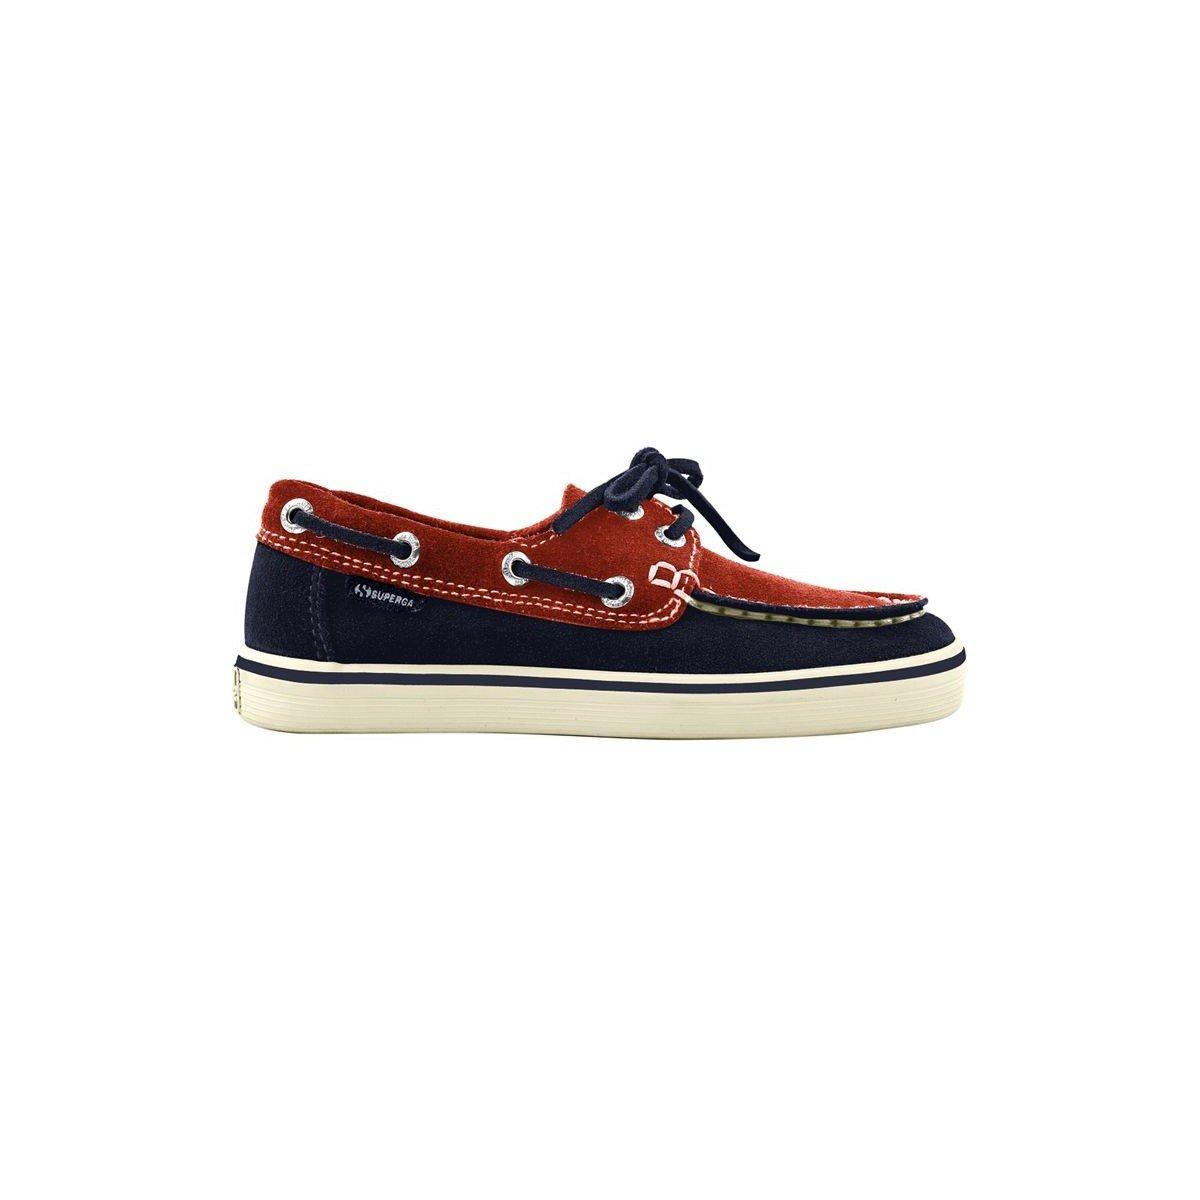 Mocasines - 2001-suej - Bambini - Blue-Bright Red - 26: Amazon.es: Zapatos y complementos